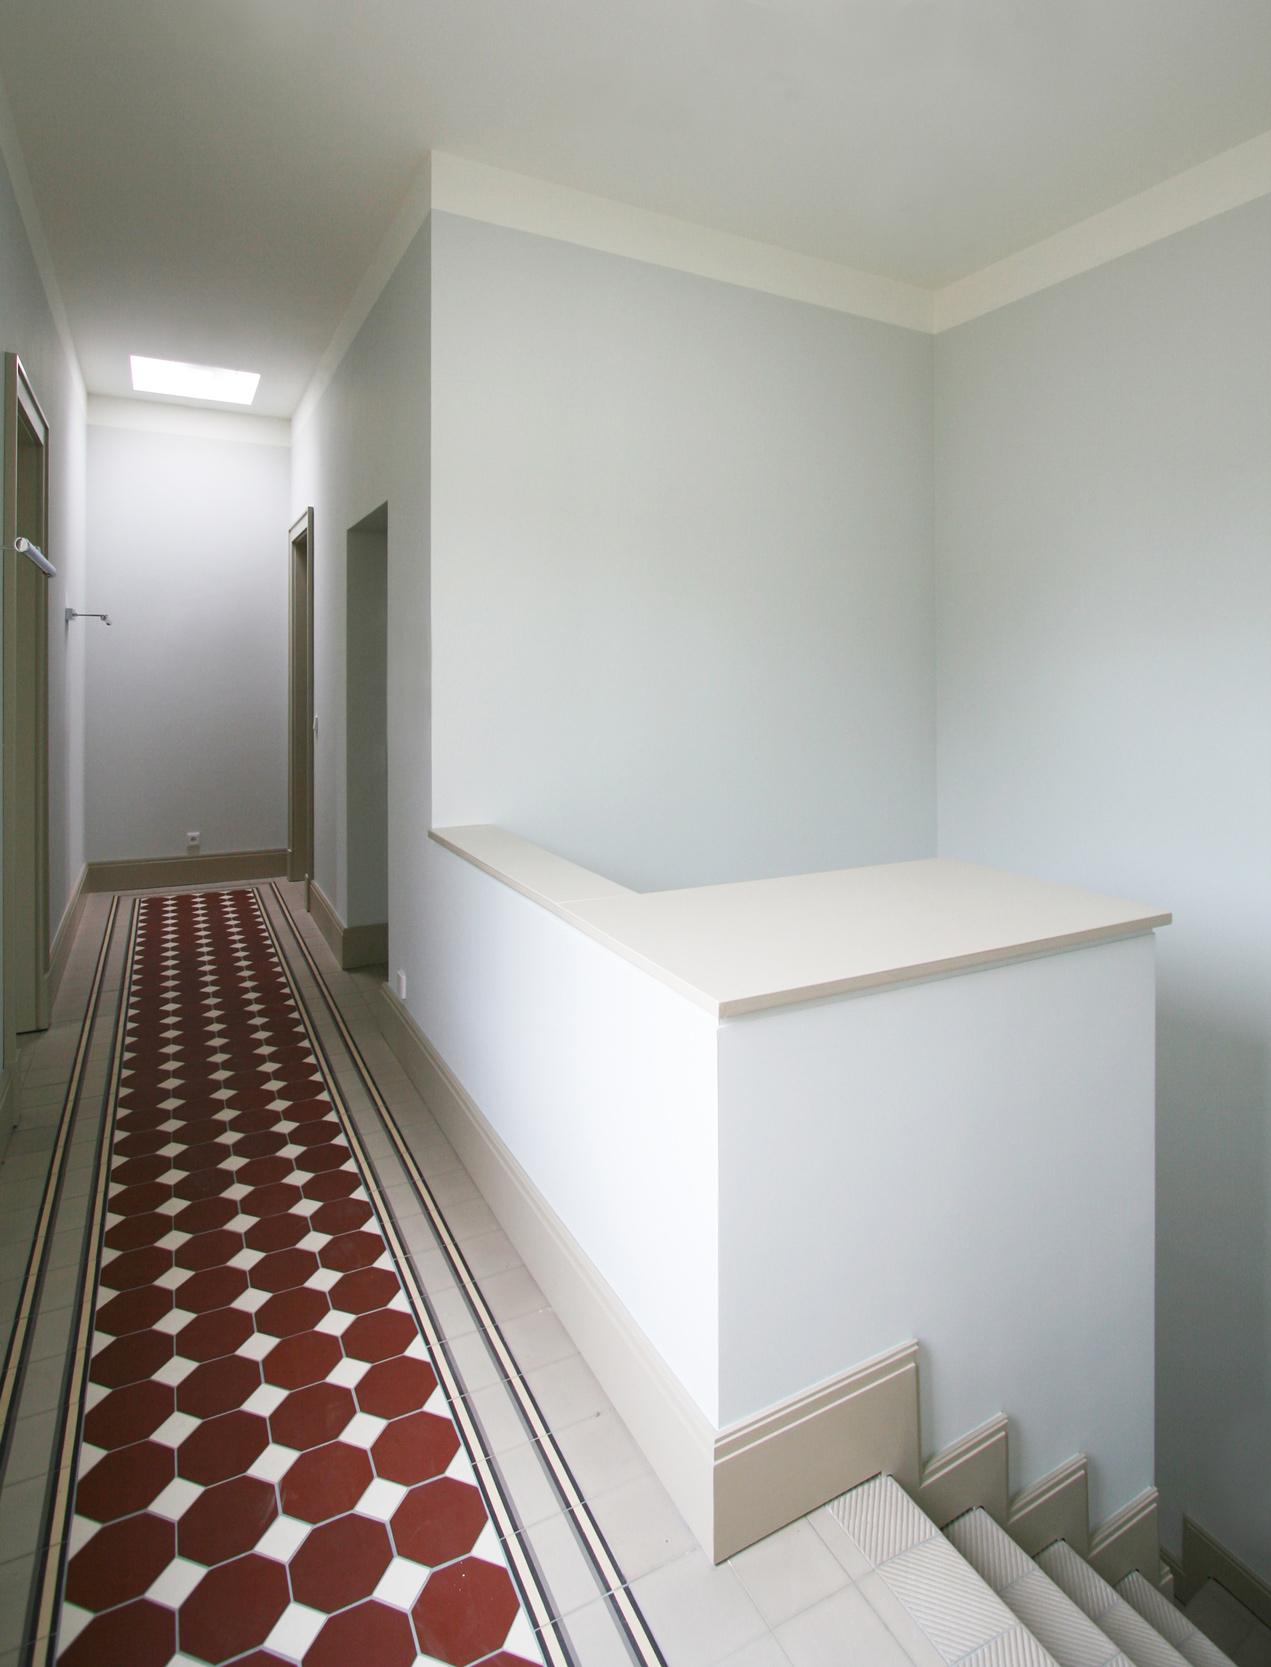 KLASSIK UND TRADITION - Neubau klassizistische Villa - Alle Flure wurden mit ornamentierten Tonfliesen belegt.